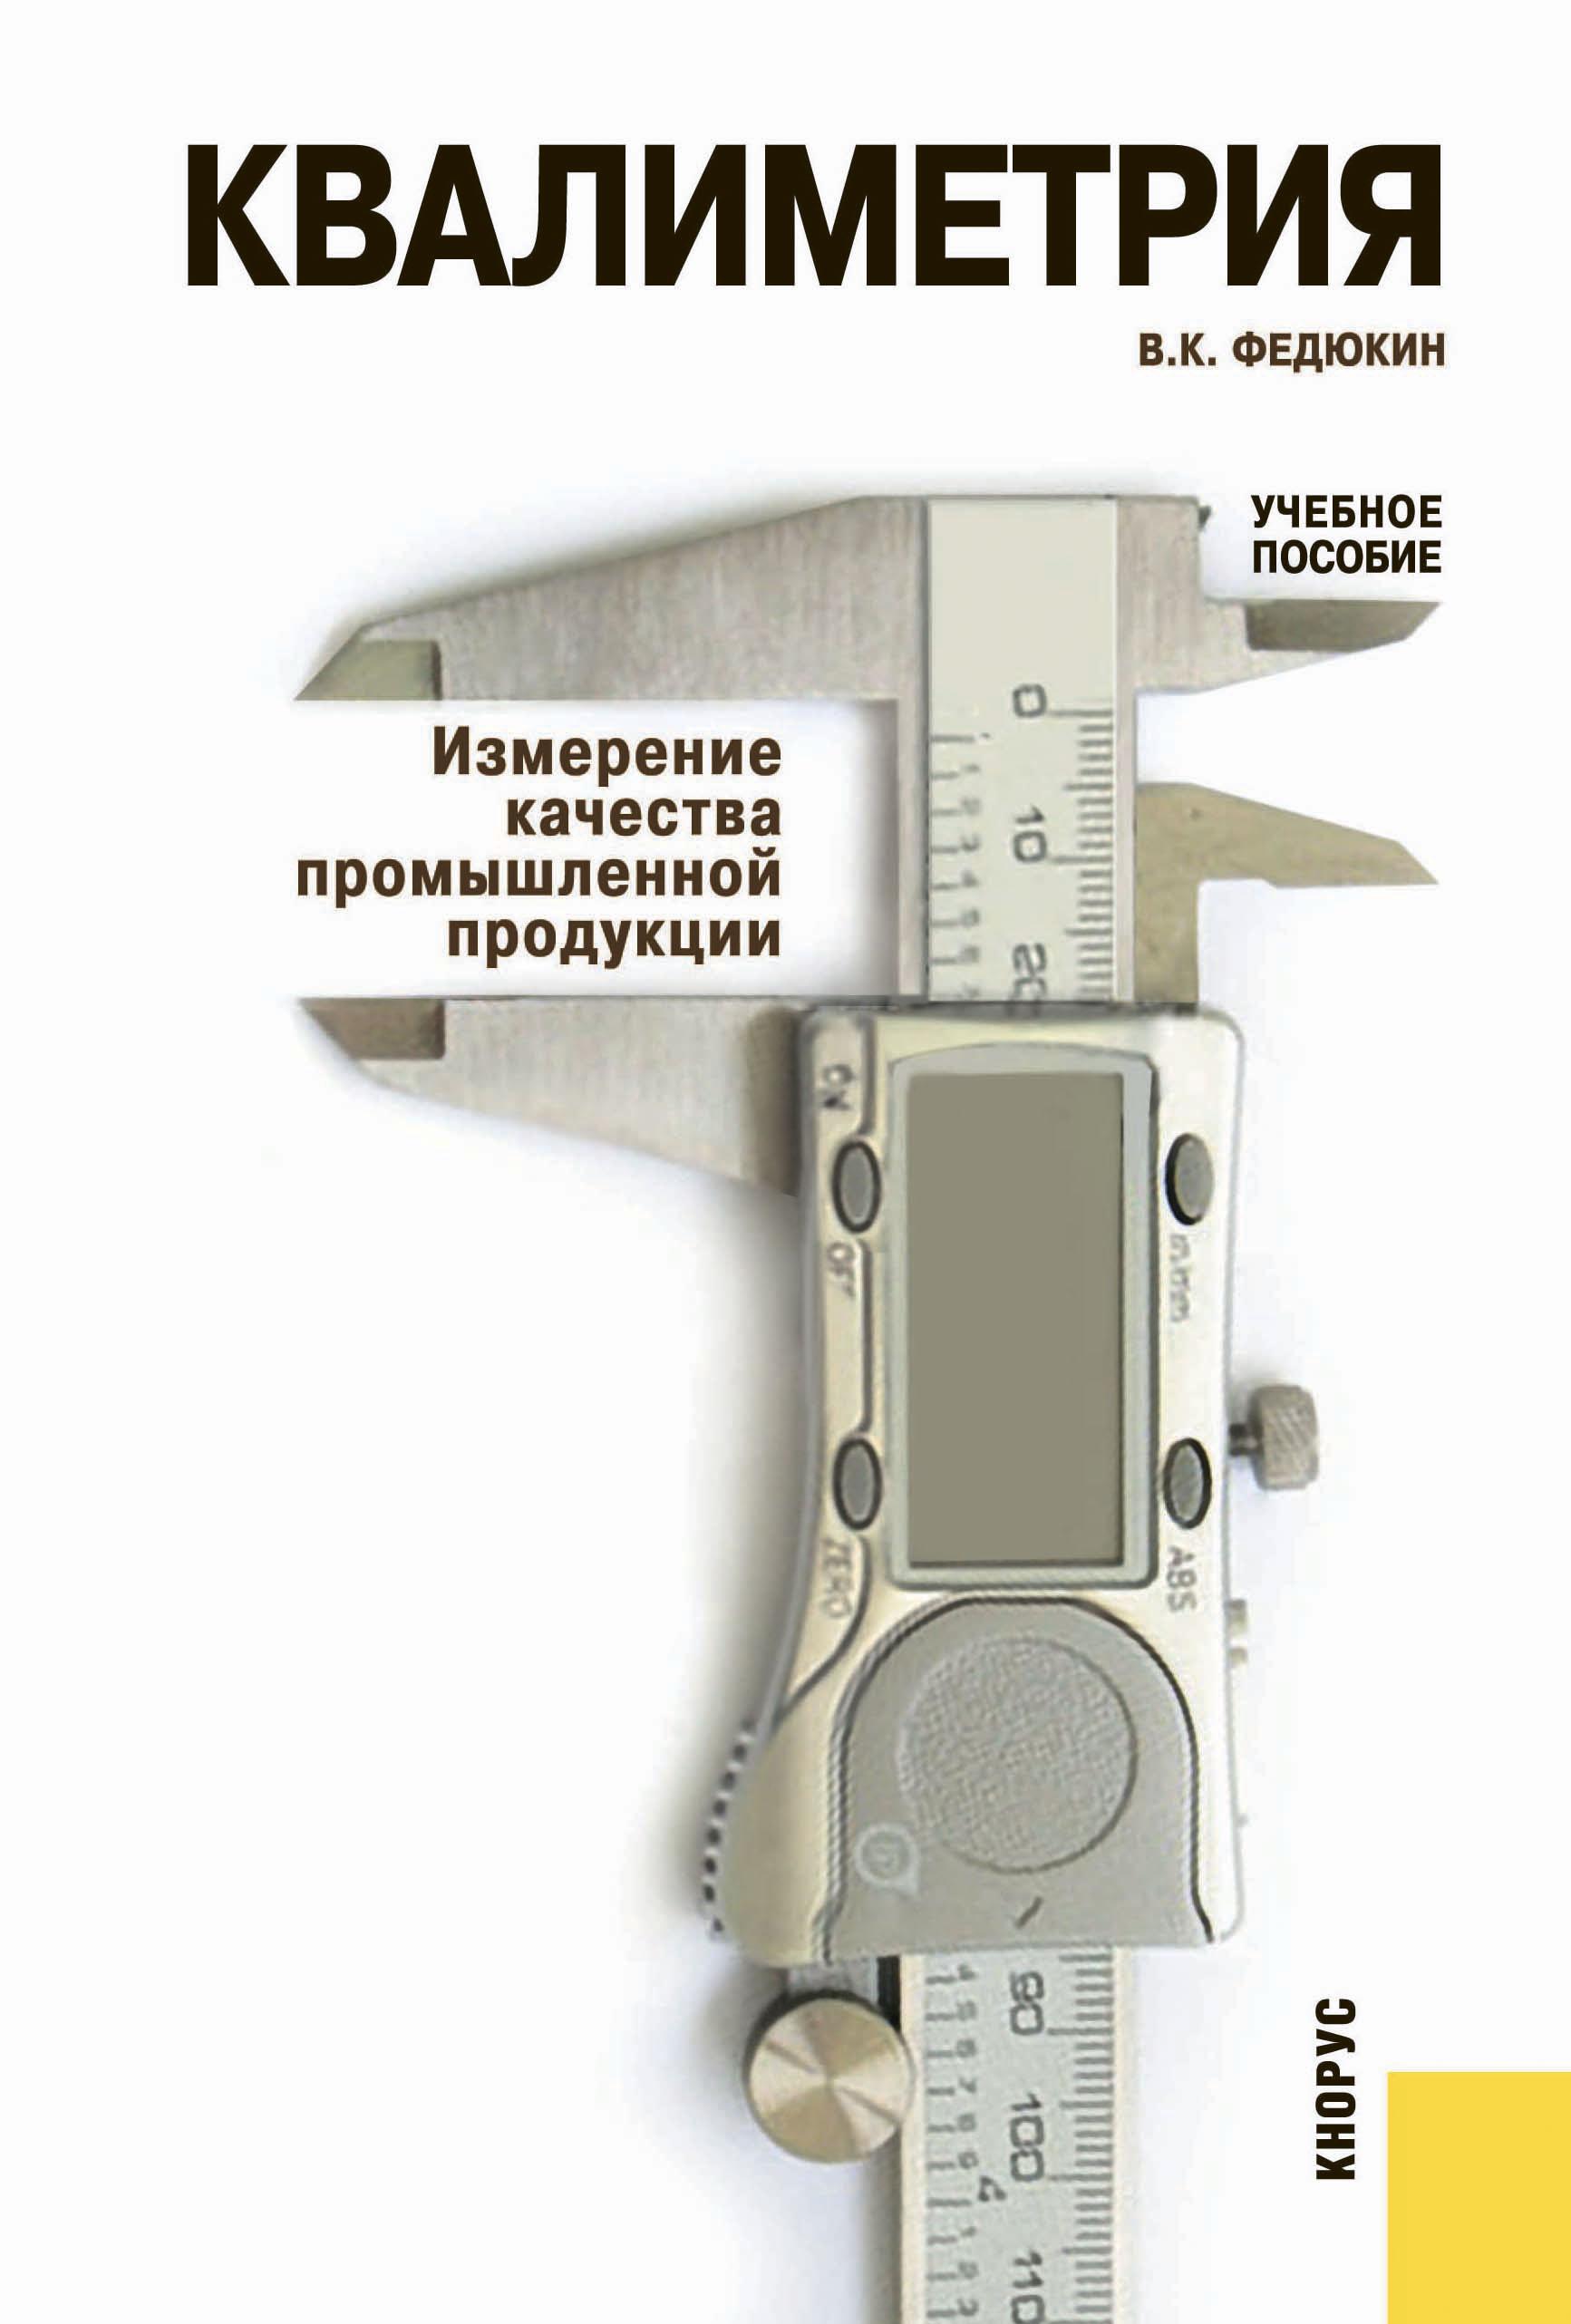 В. К. Федюкин Квалиметрия. Измерение качества промышленной продукции